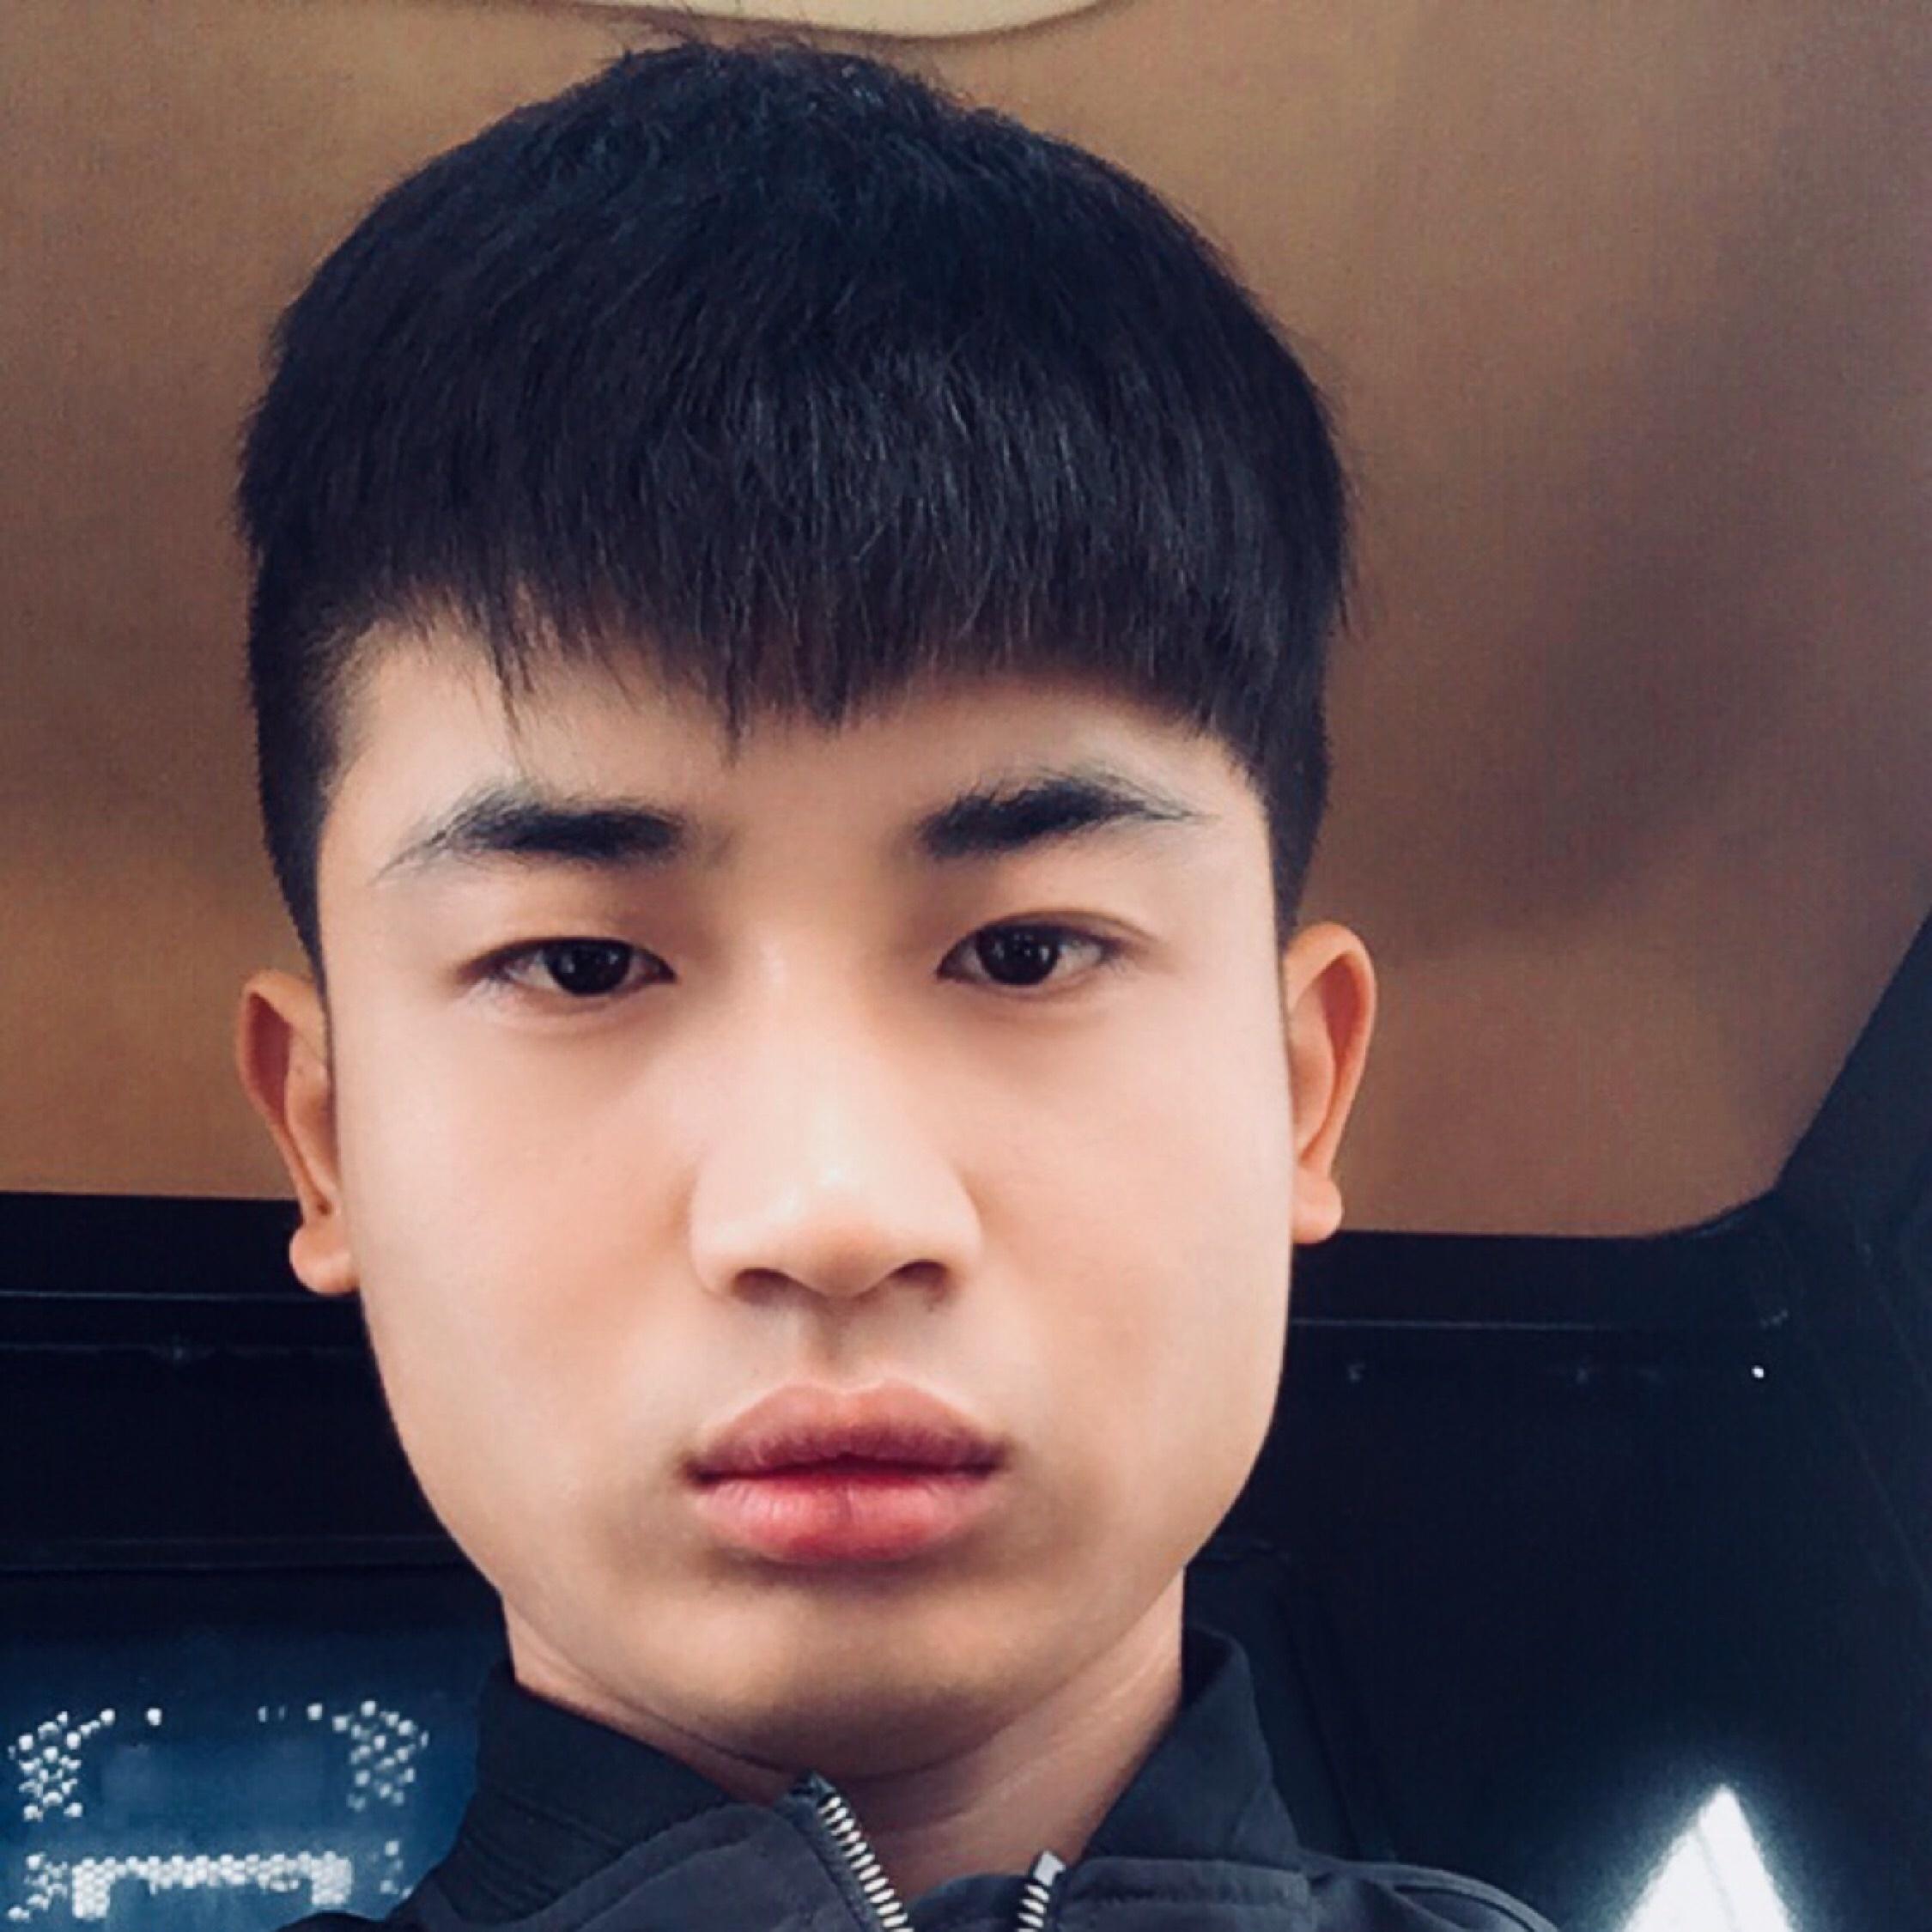 GaoyuanhonG